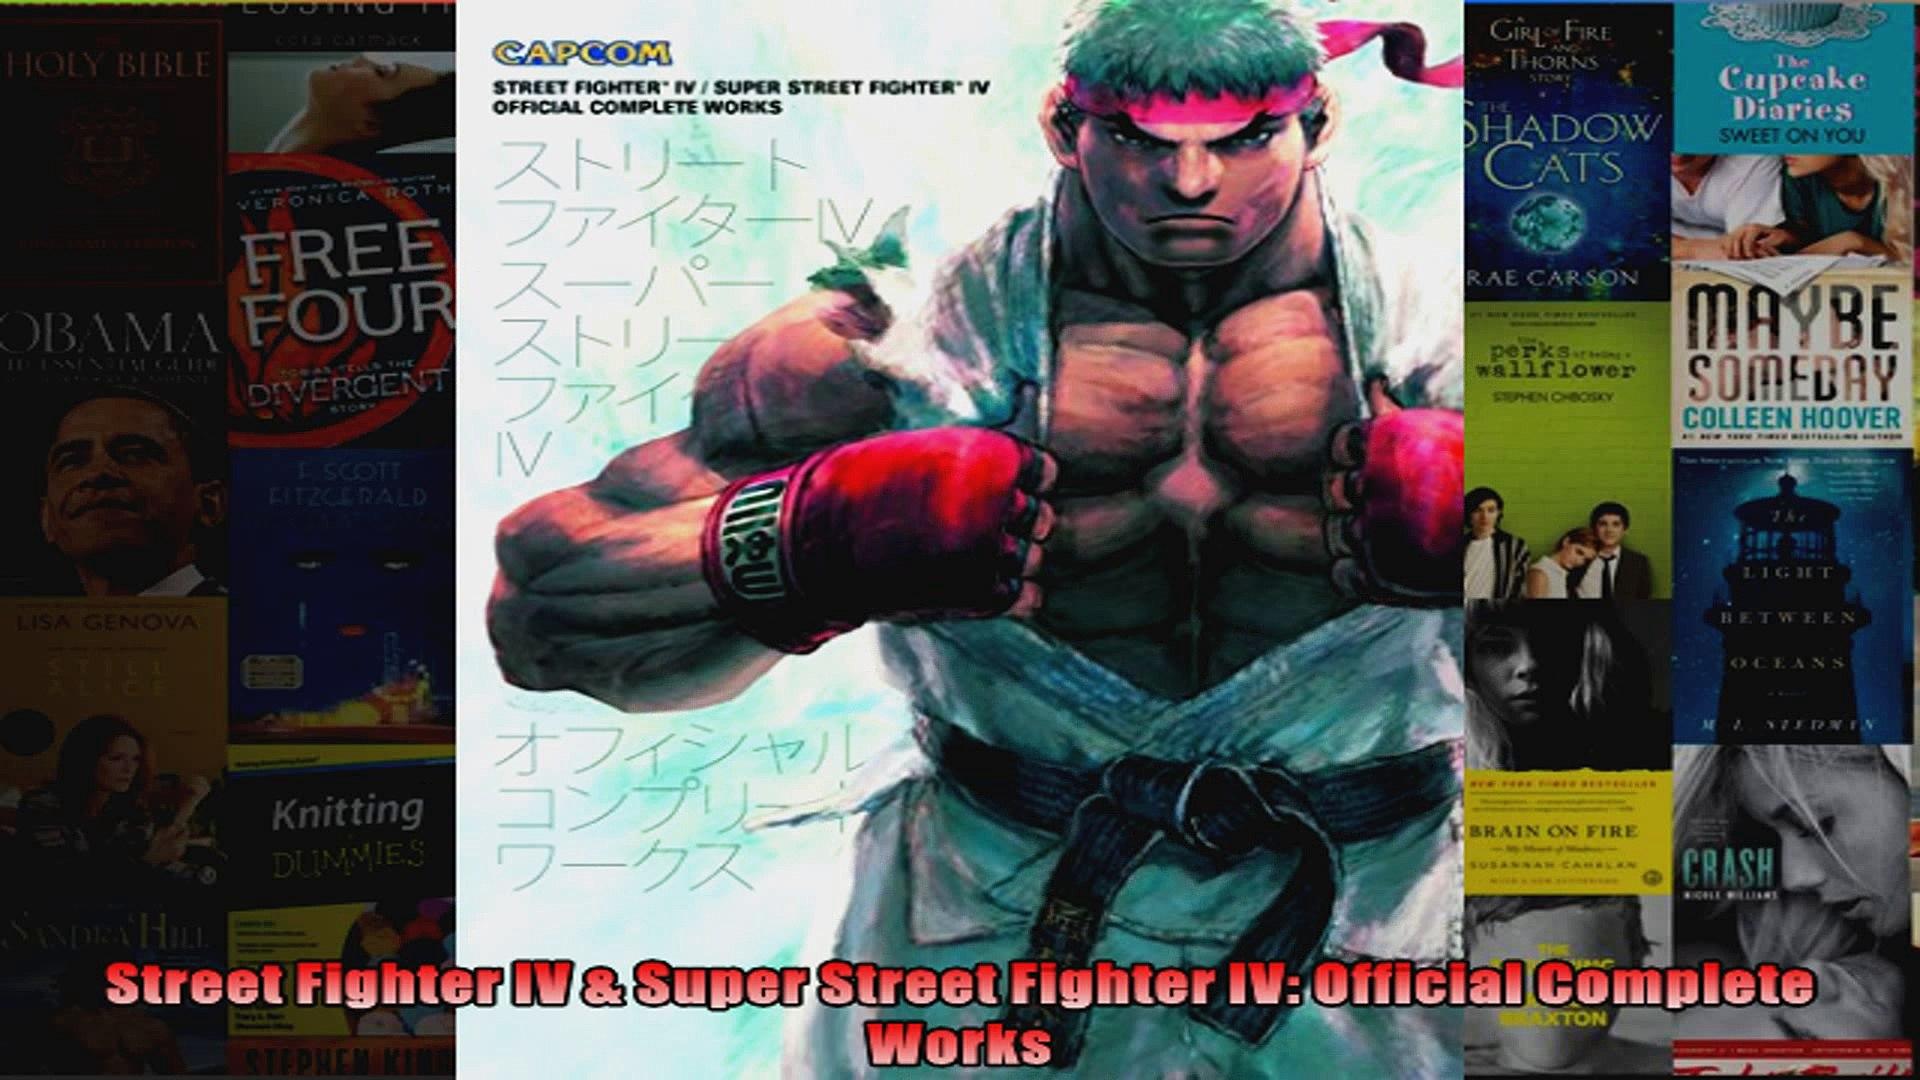 Street Fighter IV  Super Street Fighter IV Official Complete Works